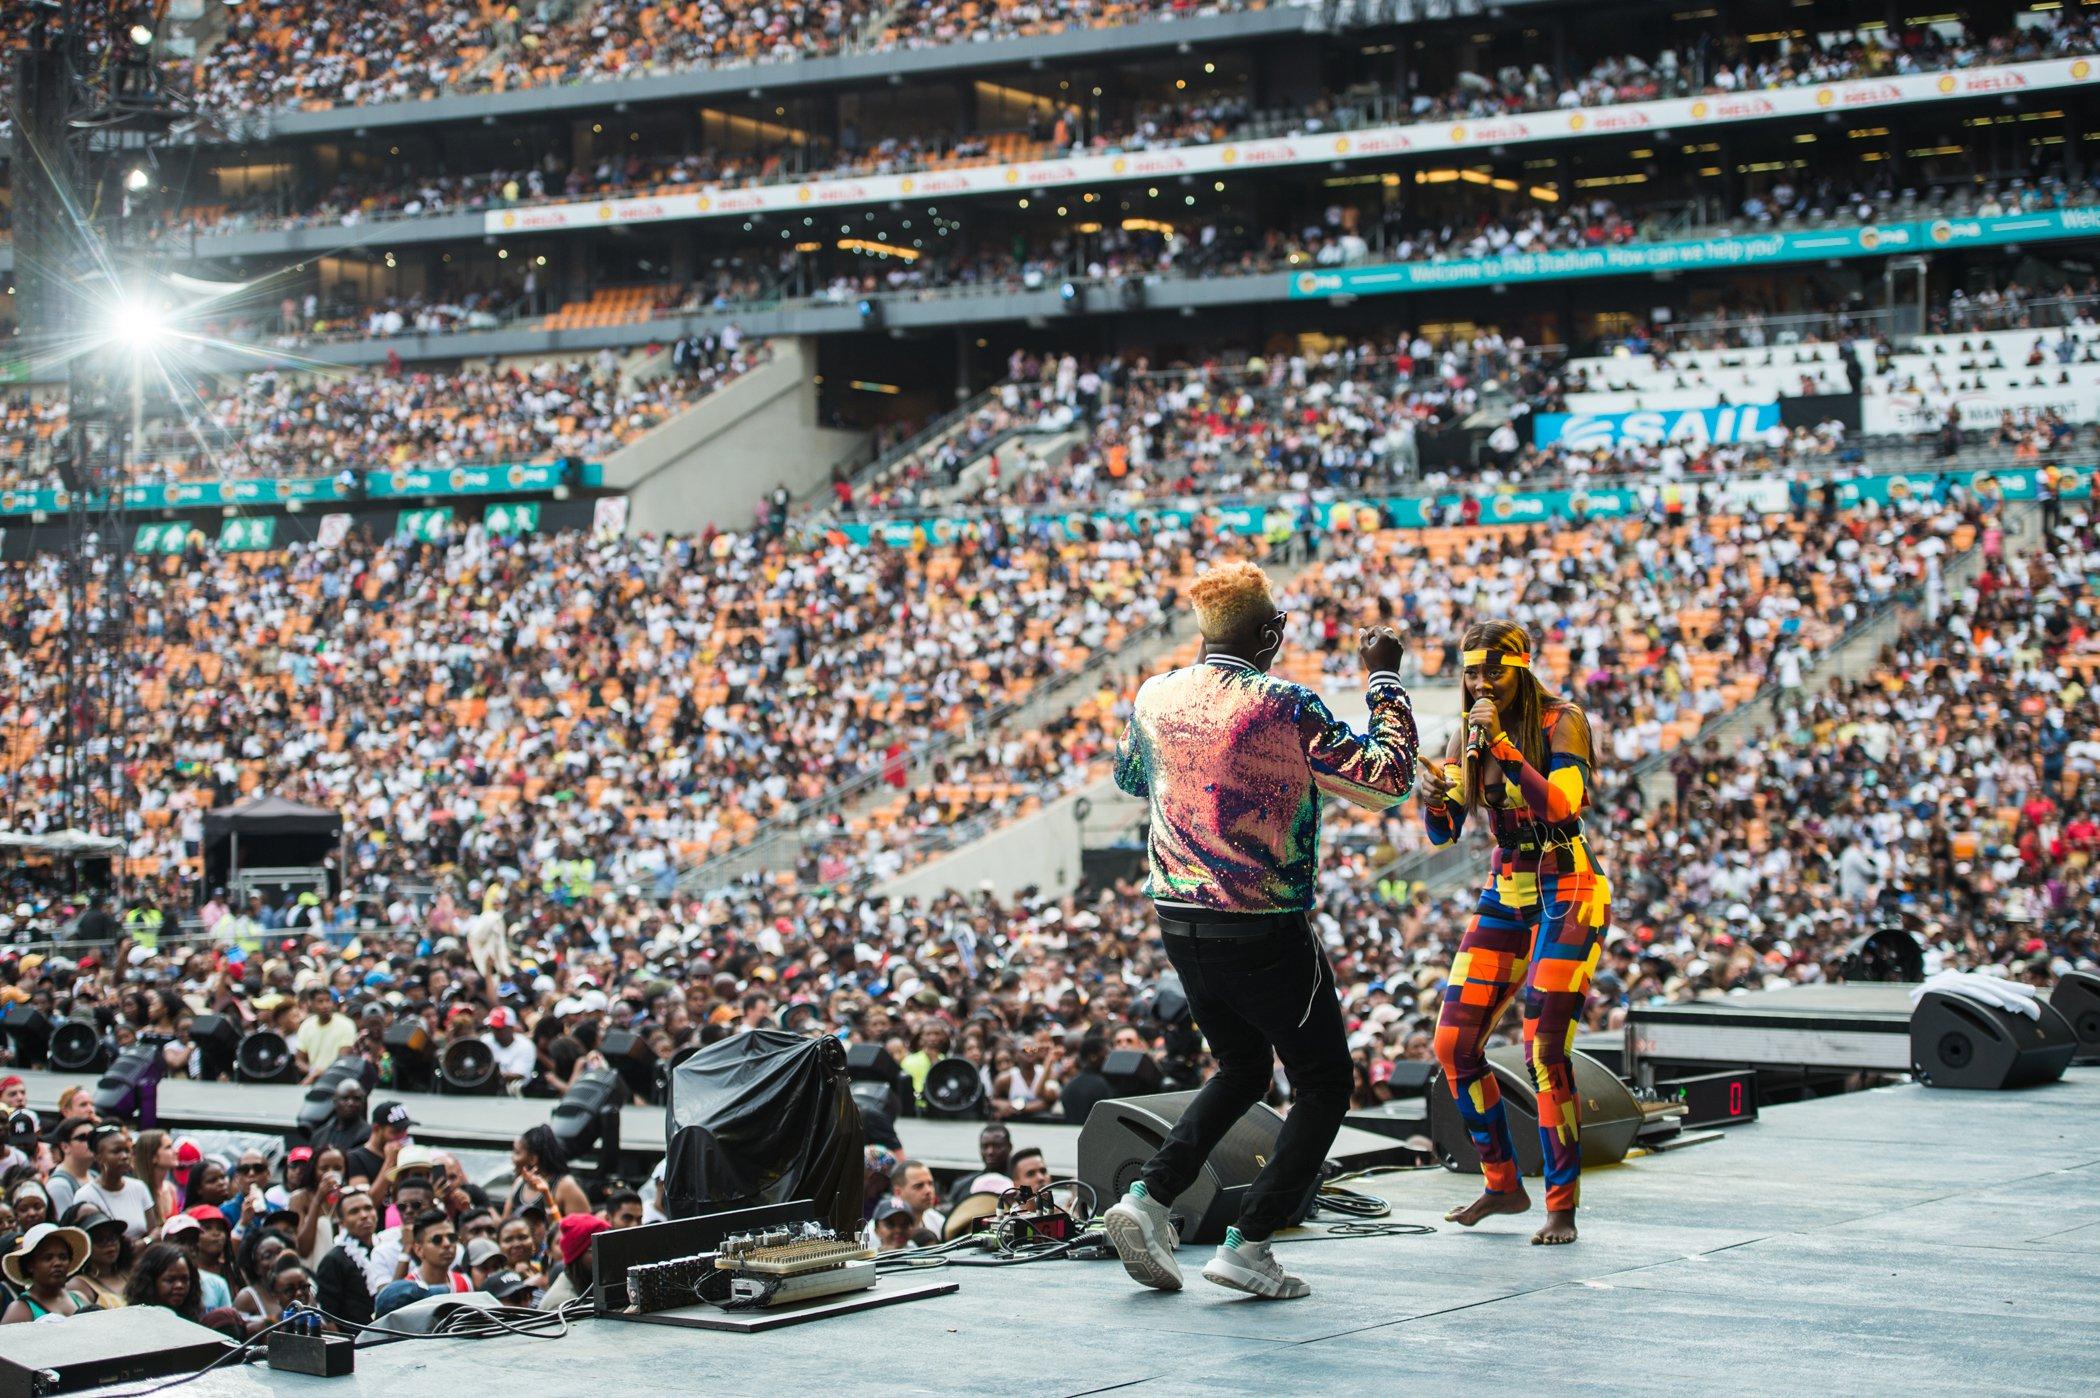 Mandela100_TiwaSavage_JodiWindvogelForGlobalCitizen_002.jpg